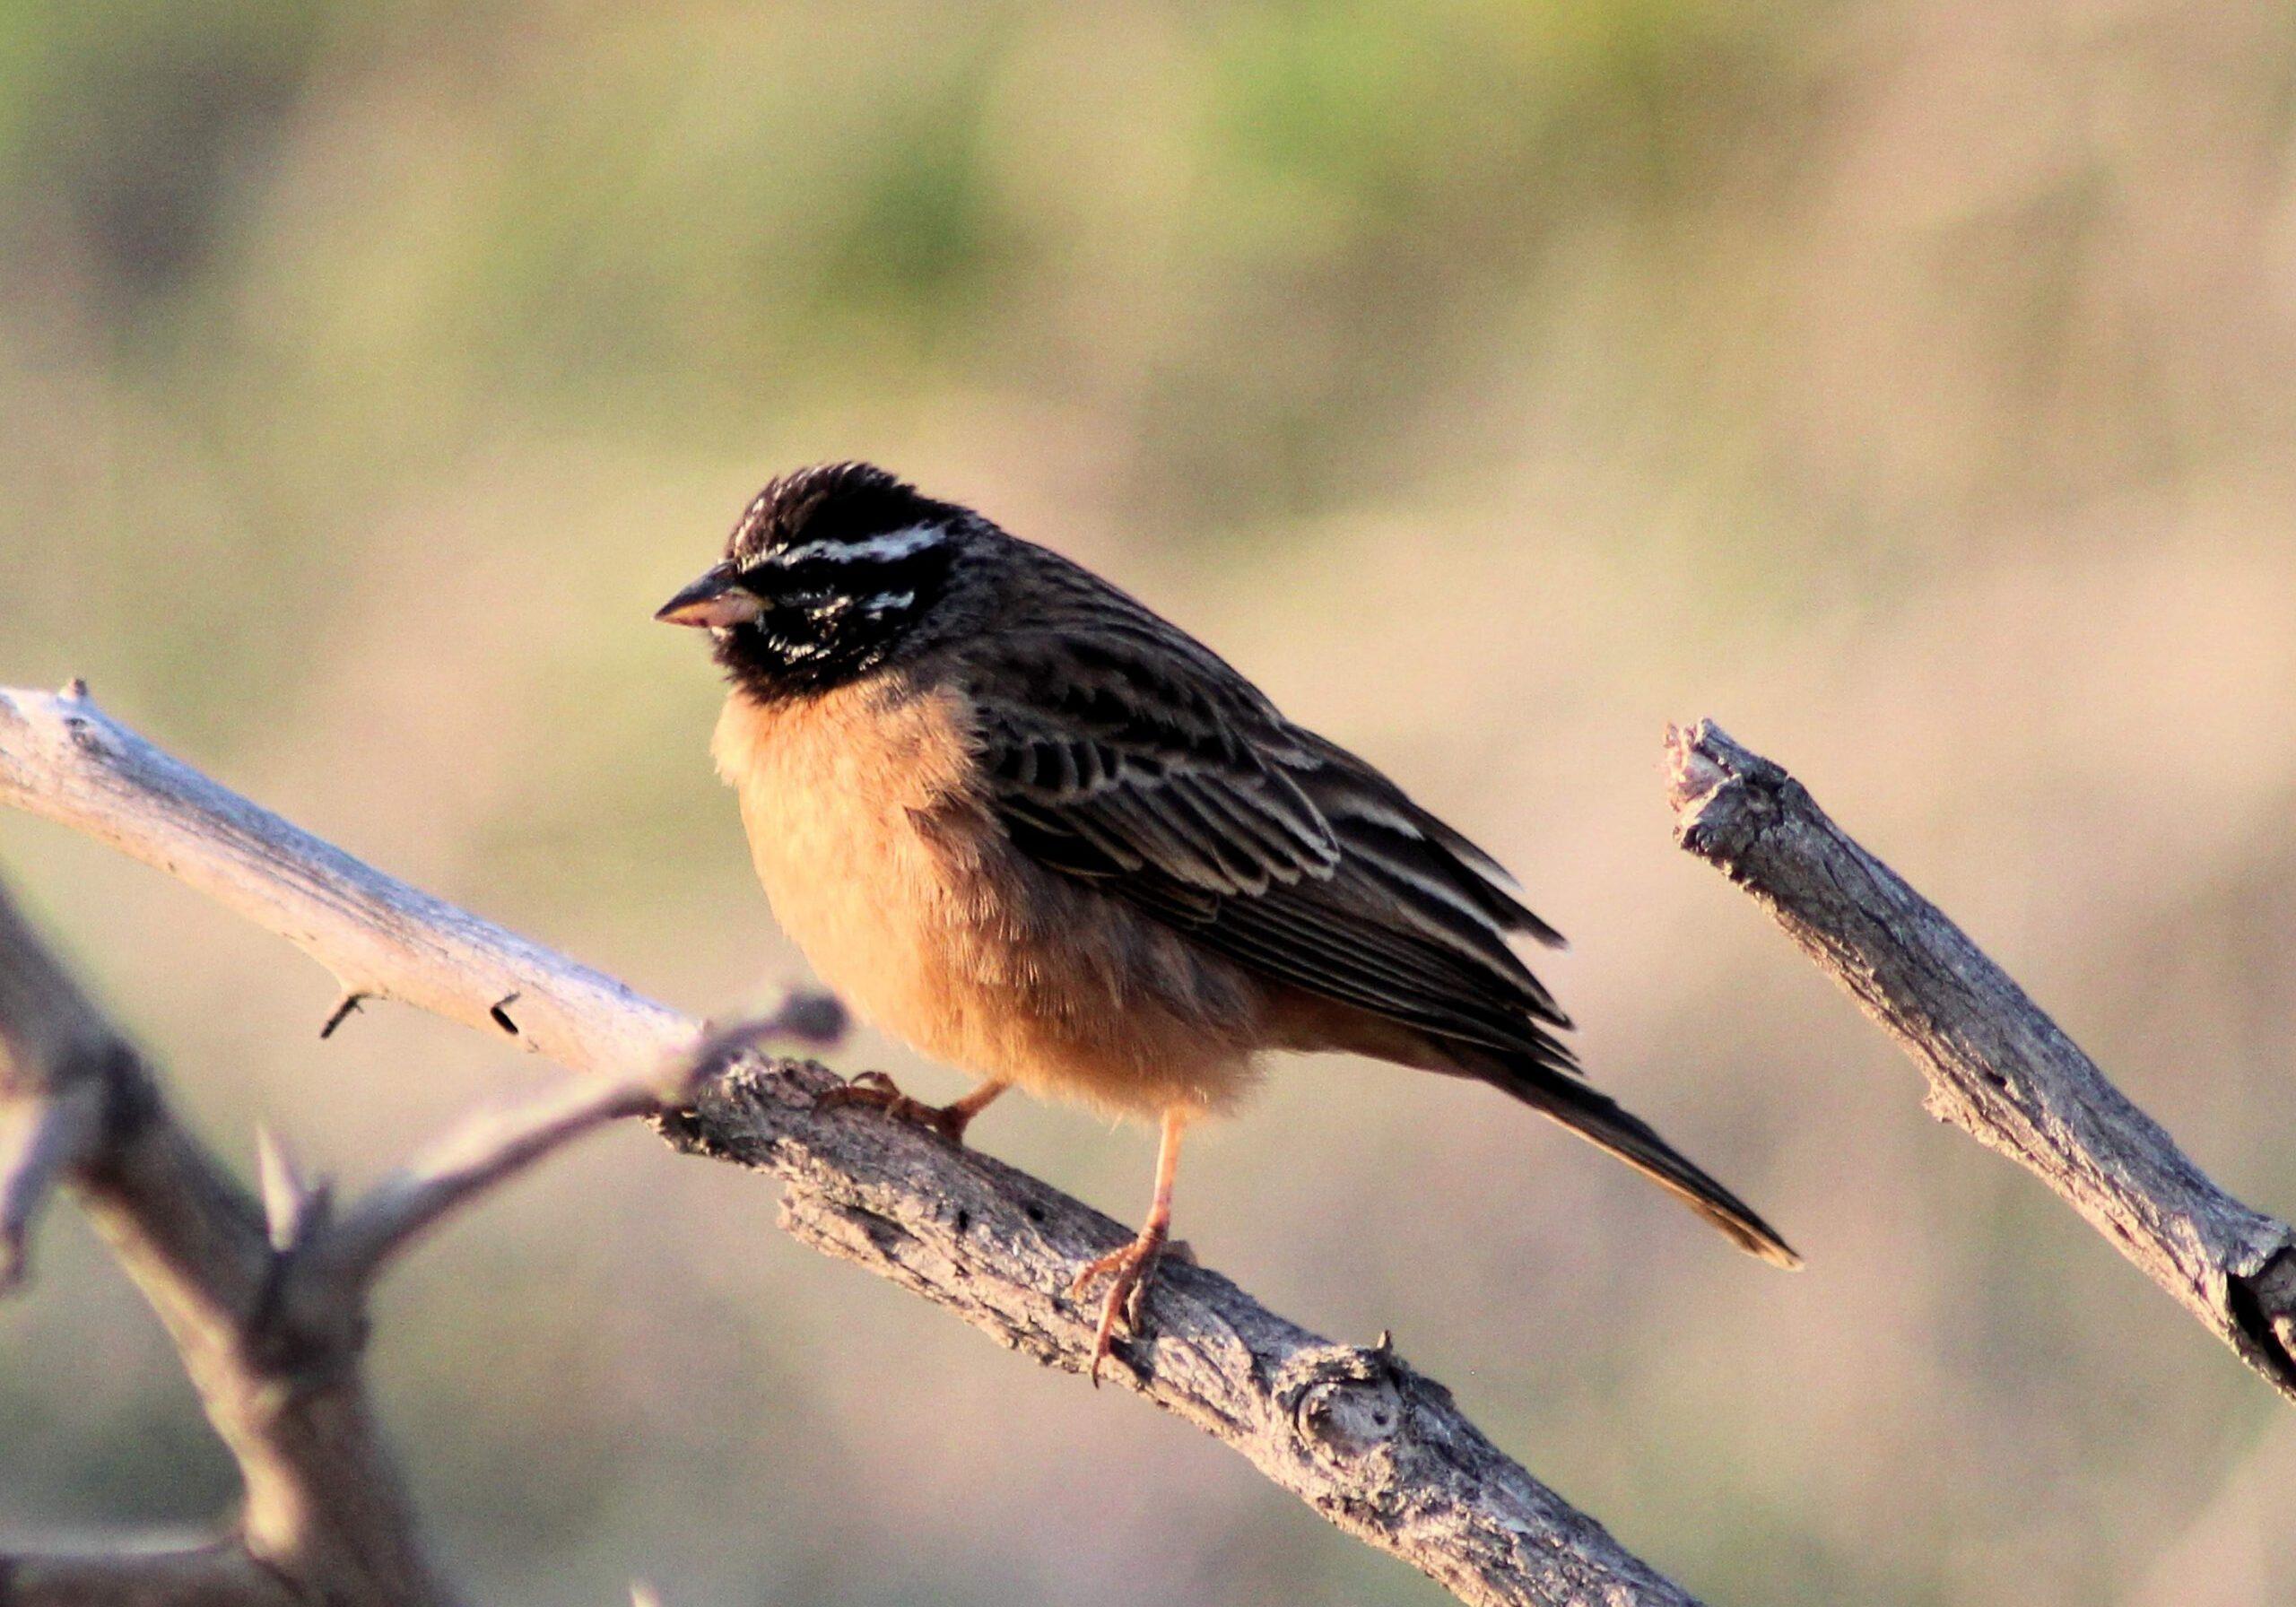 Cinnamon-breasted Bunting Xongi-tings Xongi-pedia (Bird - Bunting)